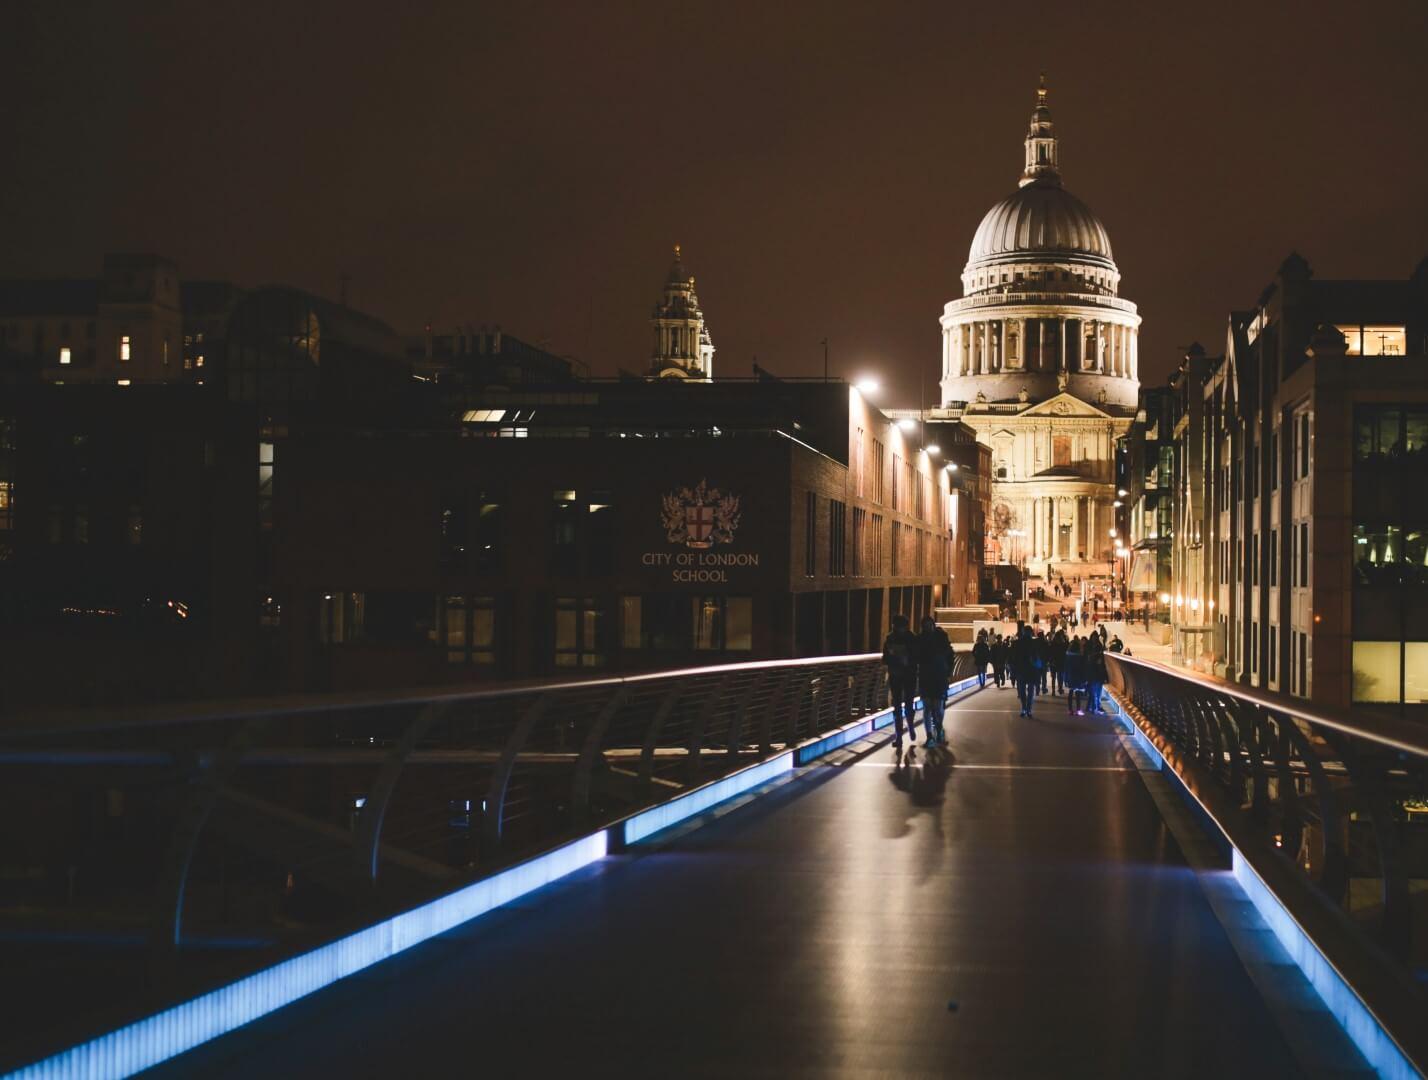 st pauls cathedral at night